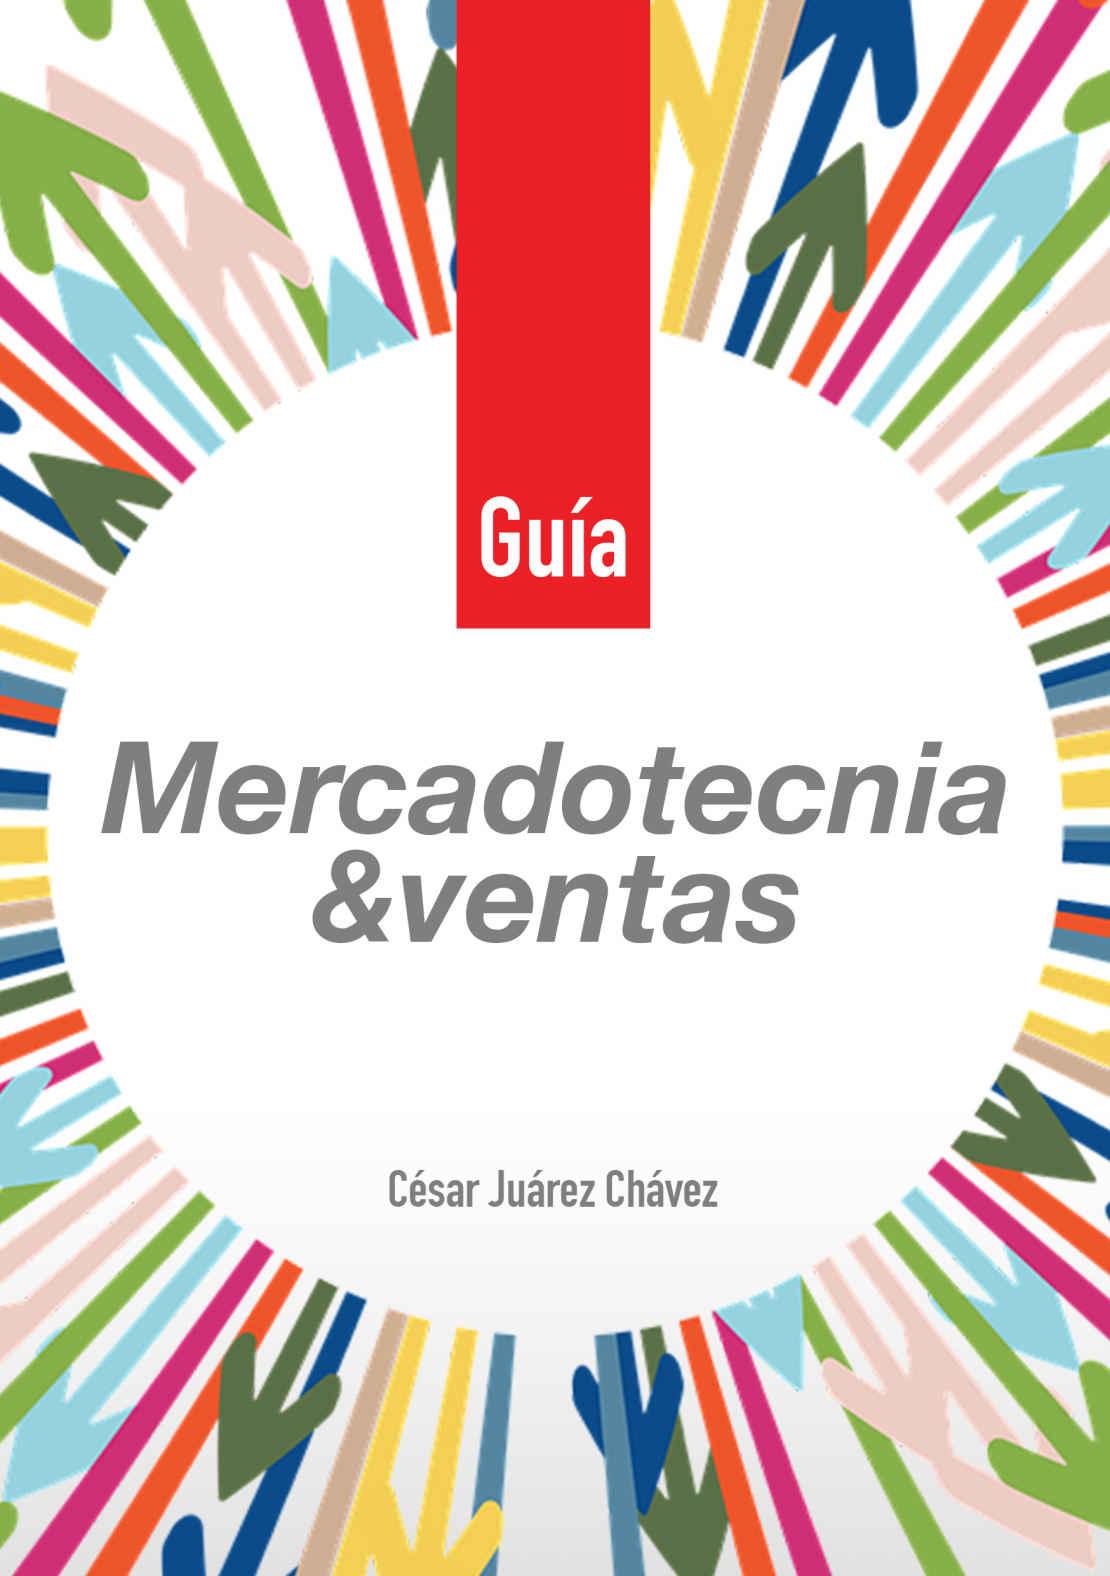 Guía mercadotecnia y ventas de César Juárez